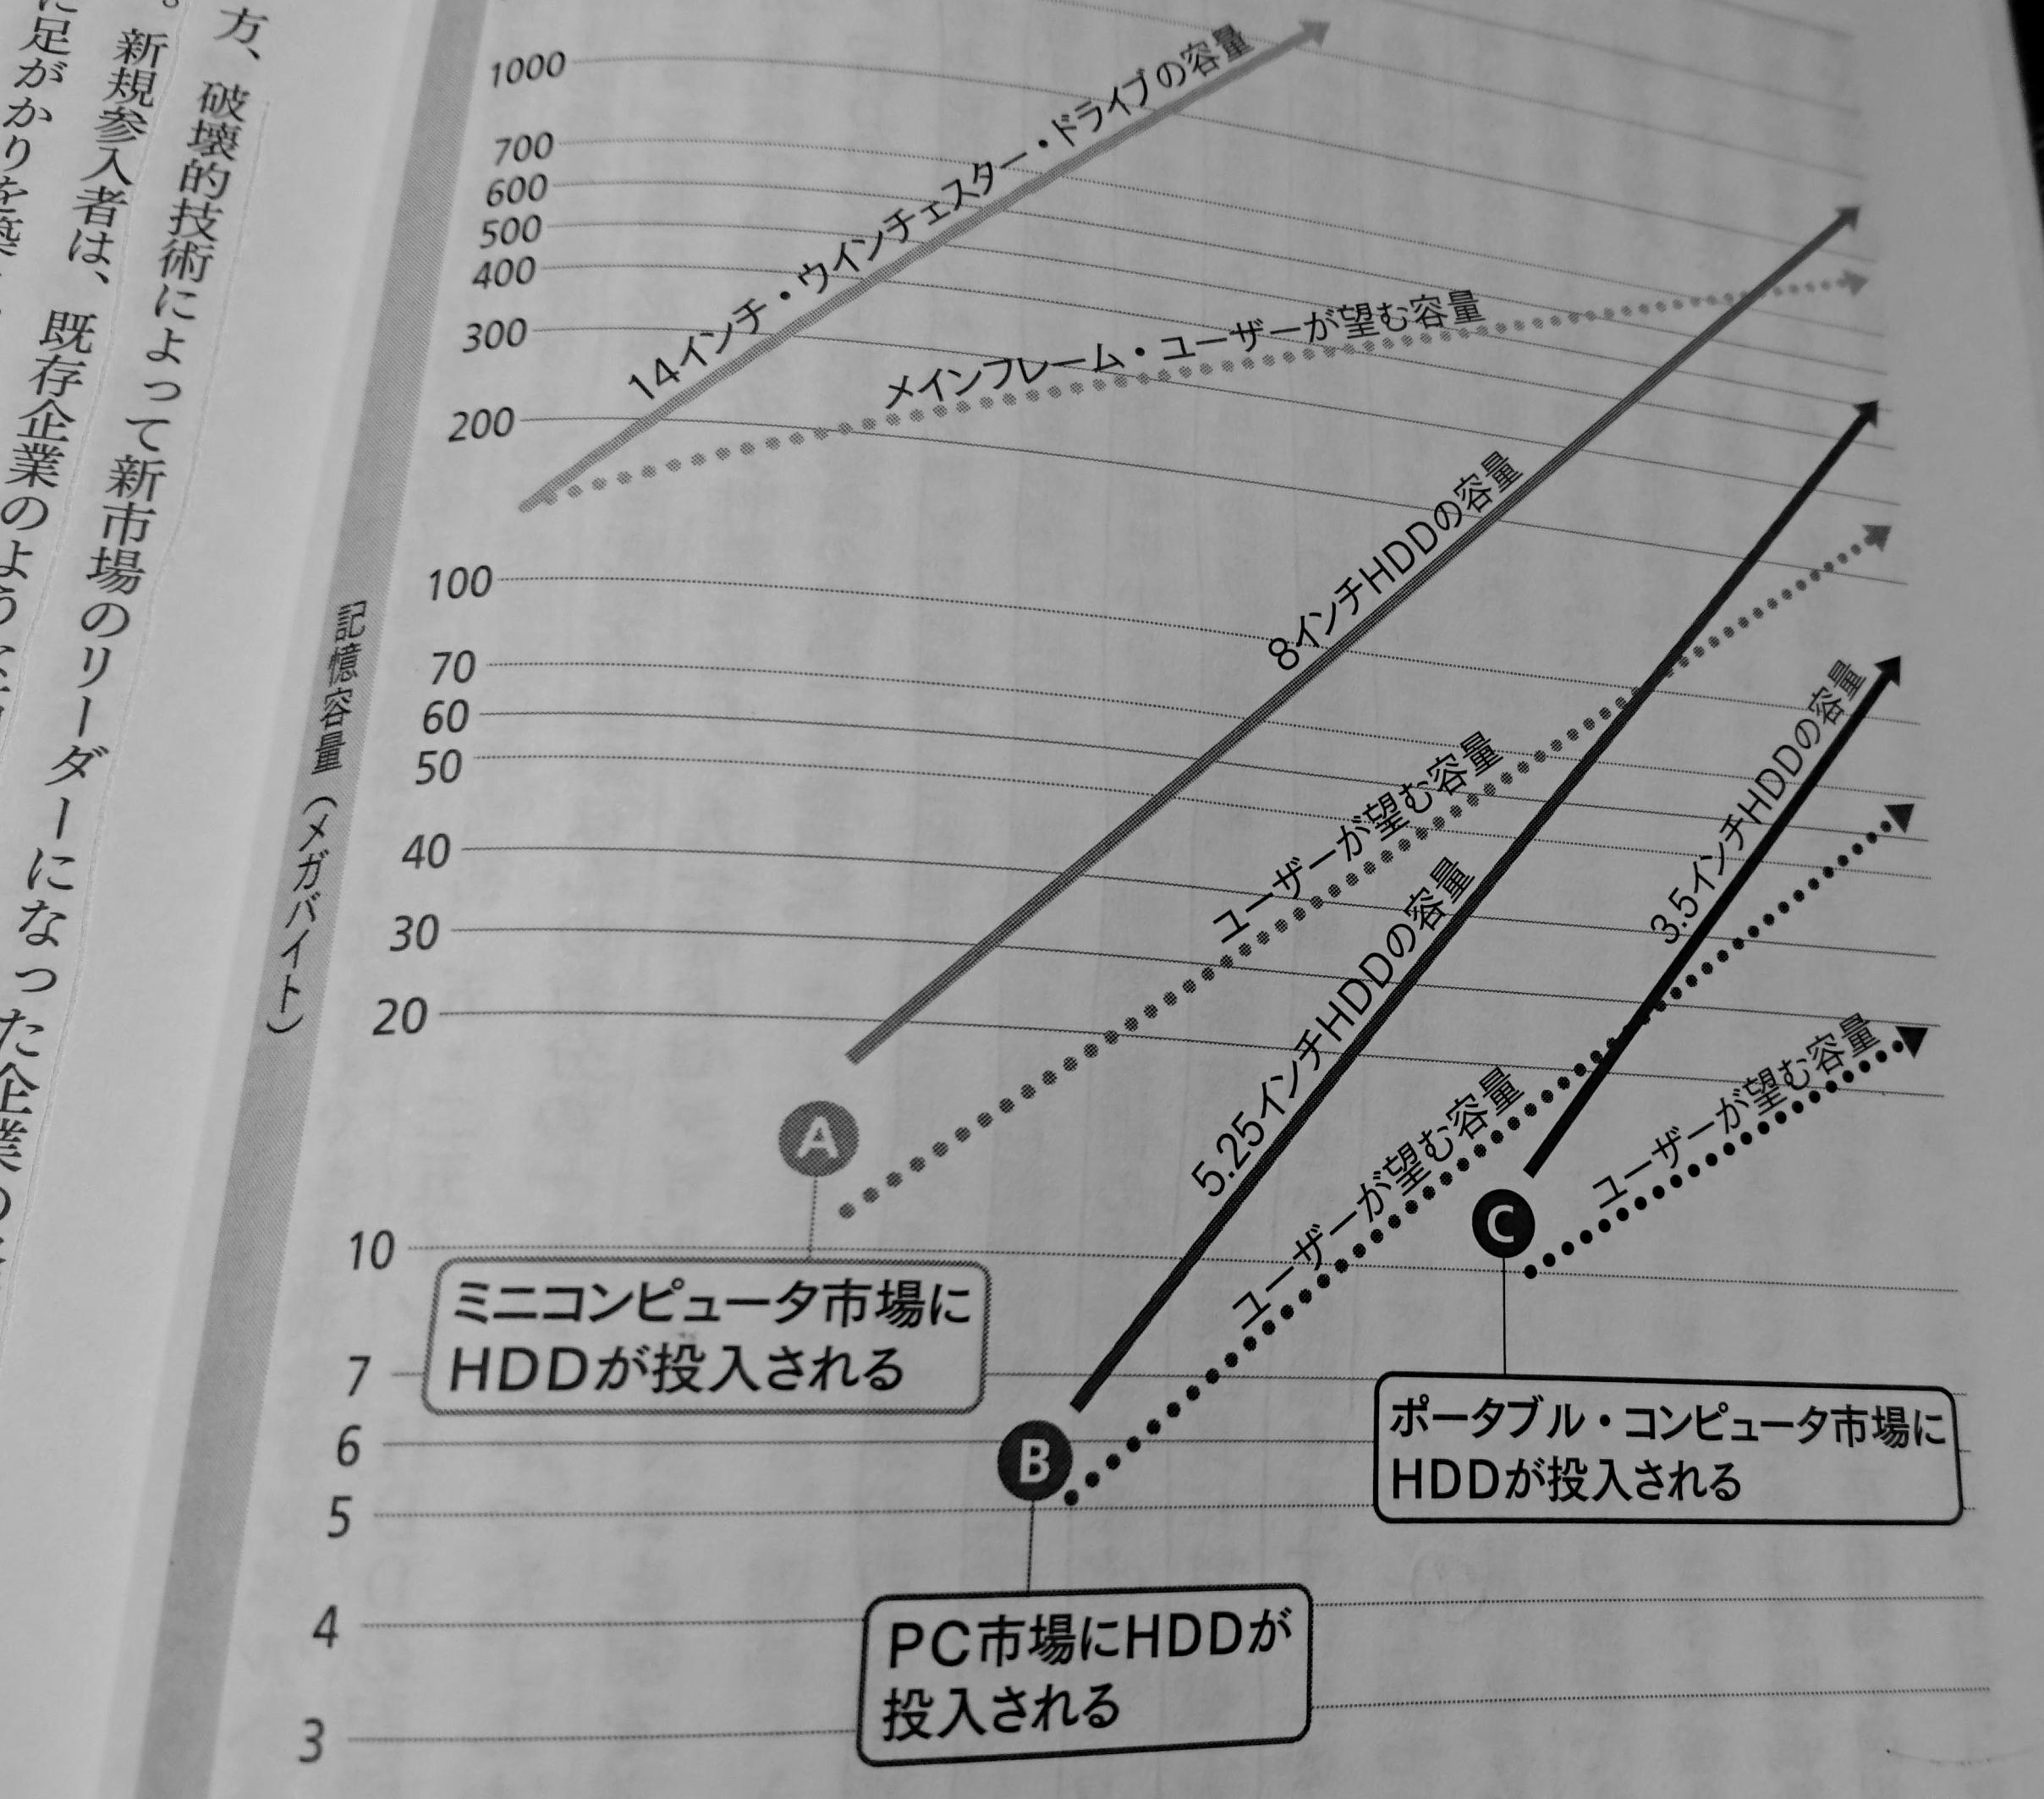 HDD業界における破壊的イノベーション